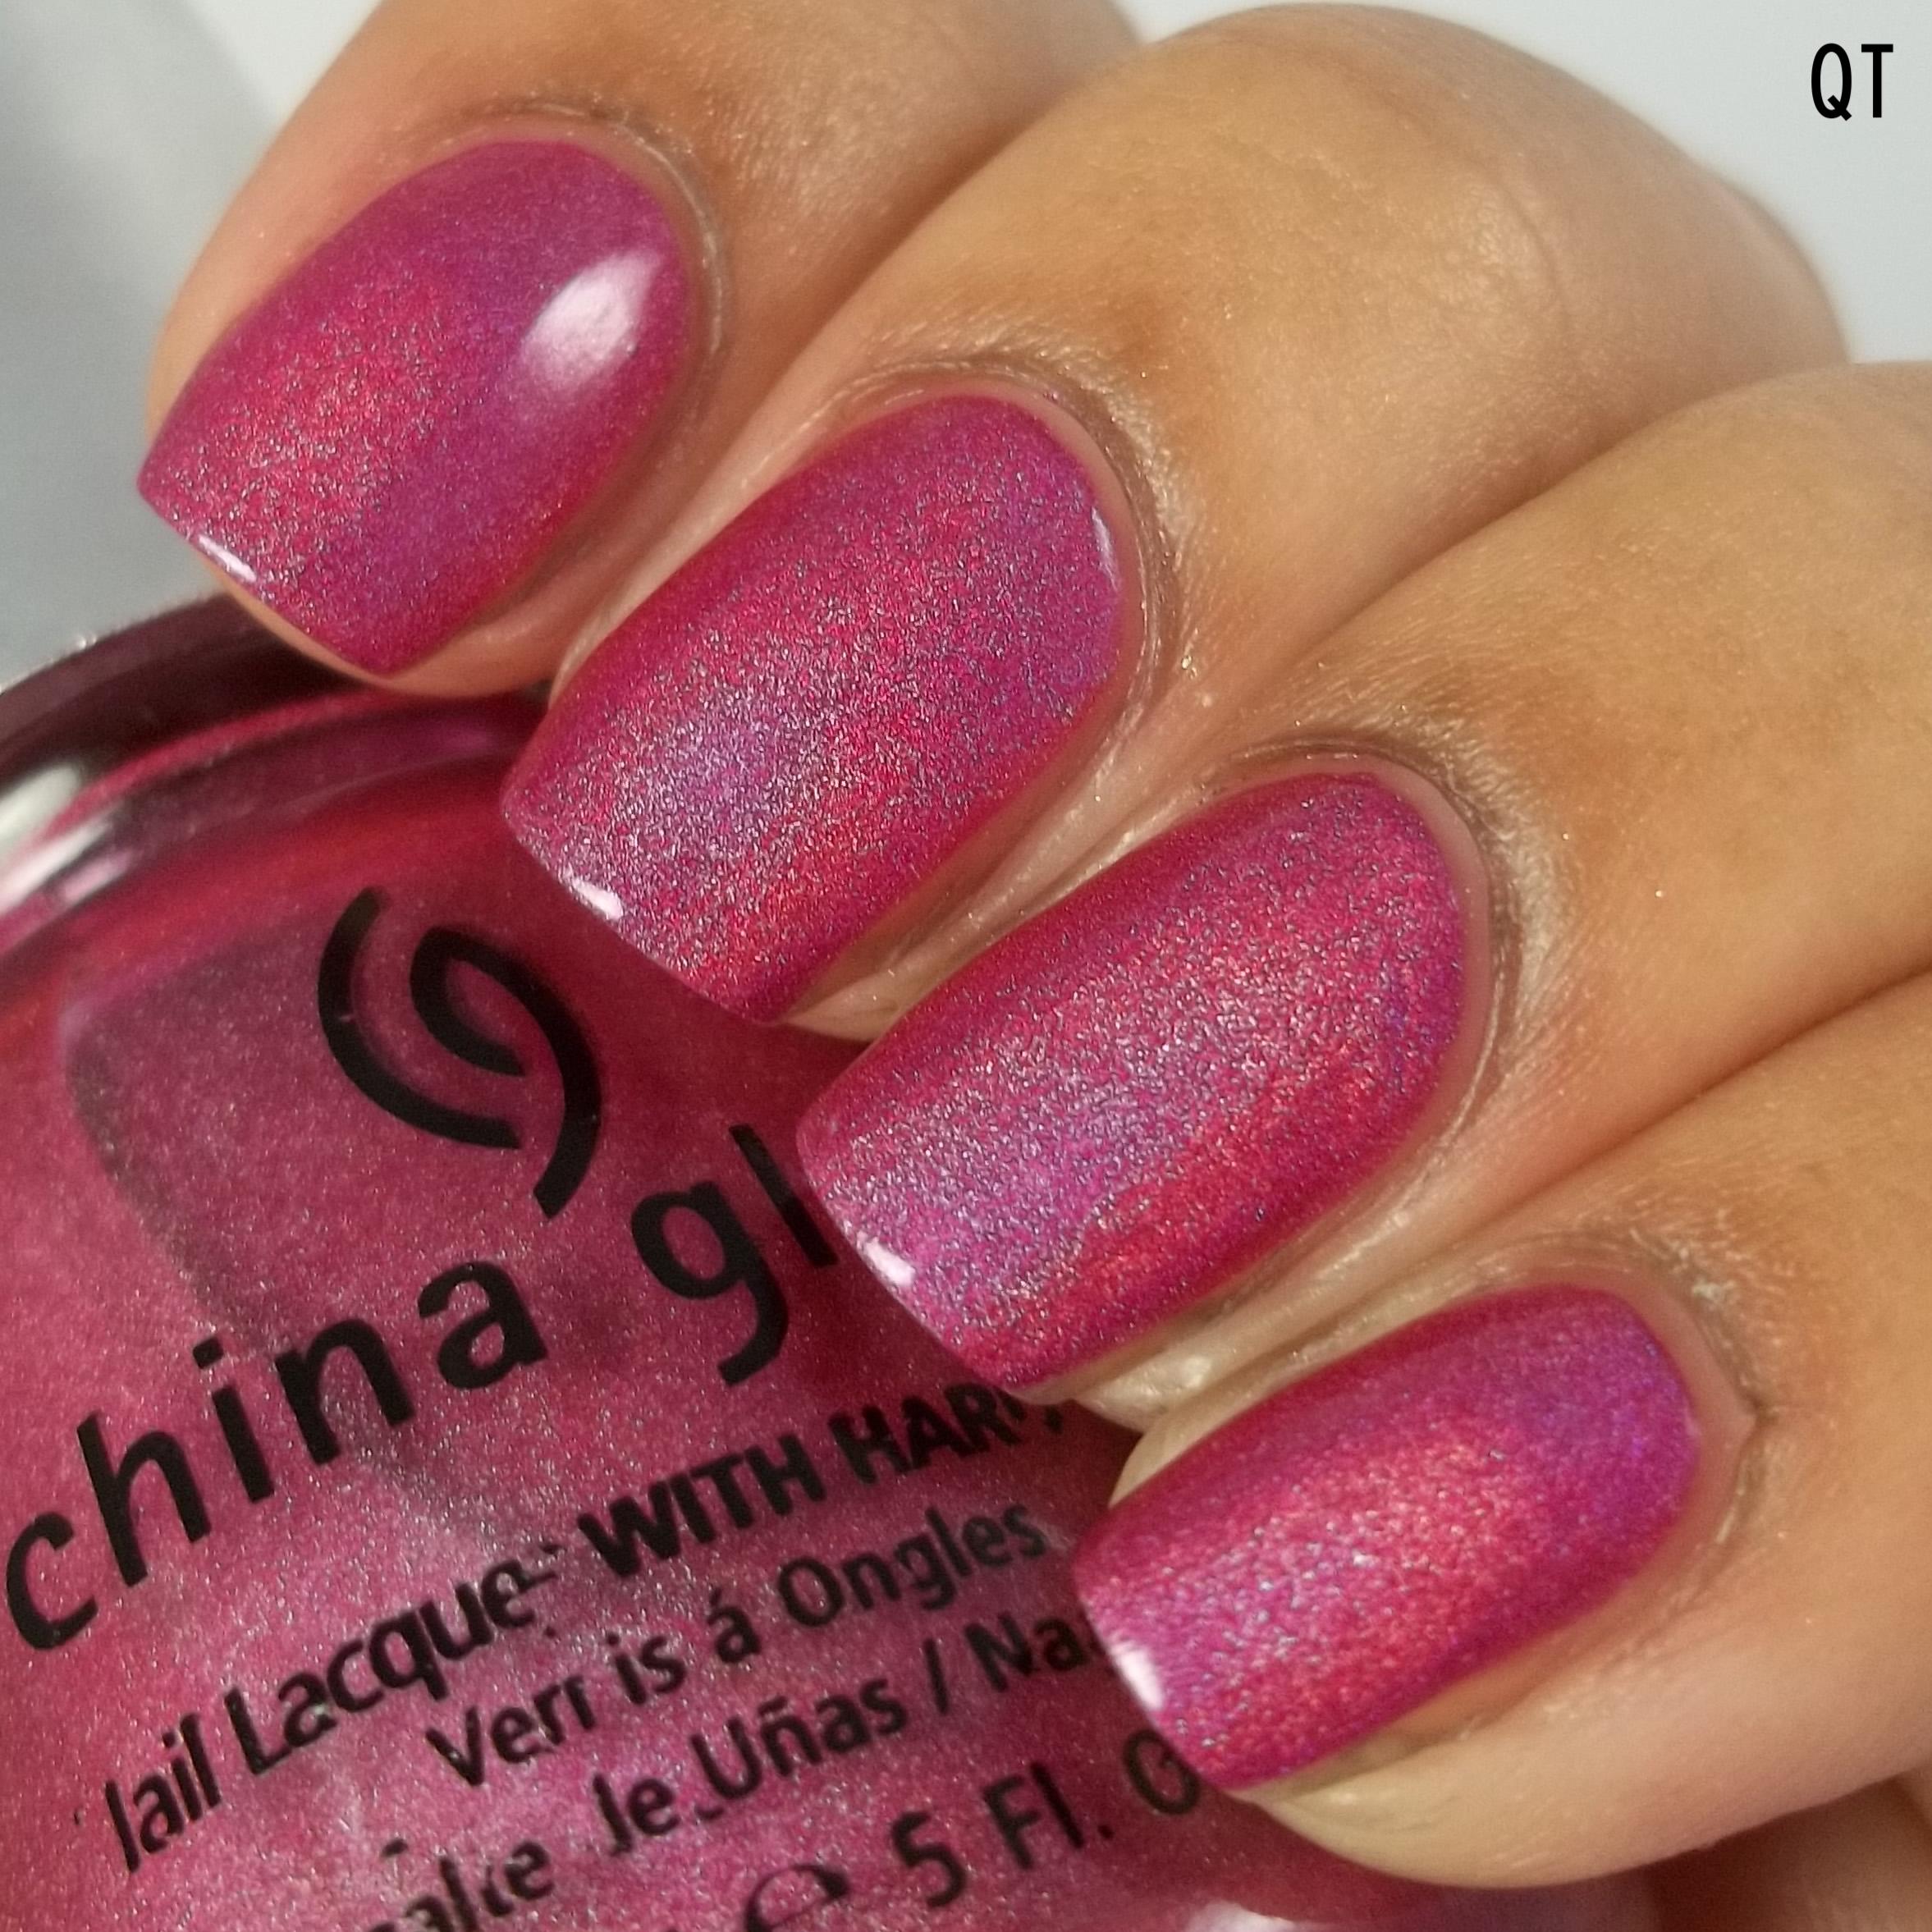 China Glaze OMG - QT.jpg